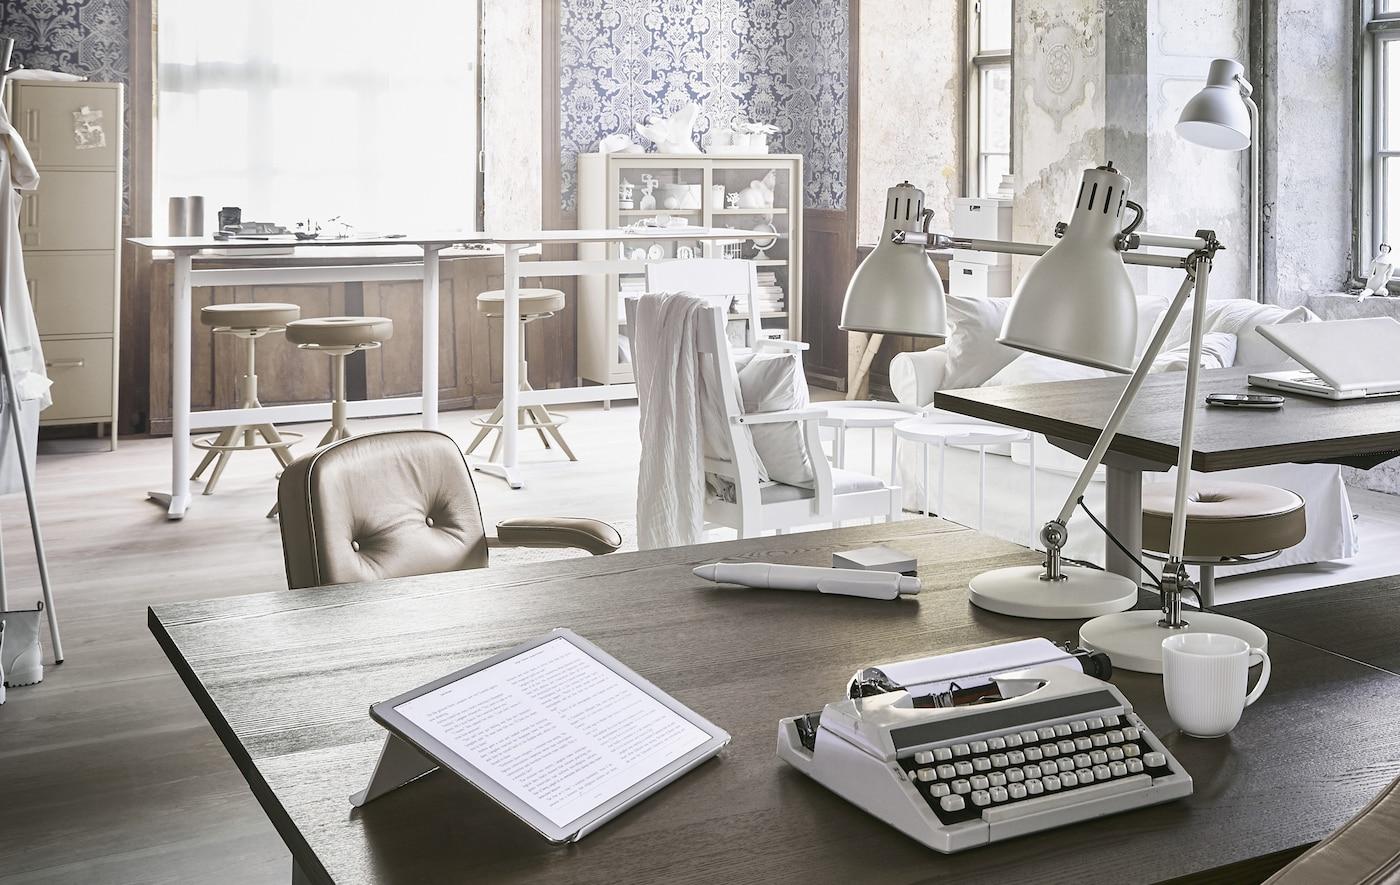 comment cr er un bureau la maison plus sain ikea. Black Bedroom Furniture Sets. Home Design Ideas